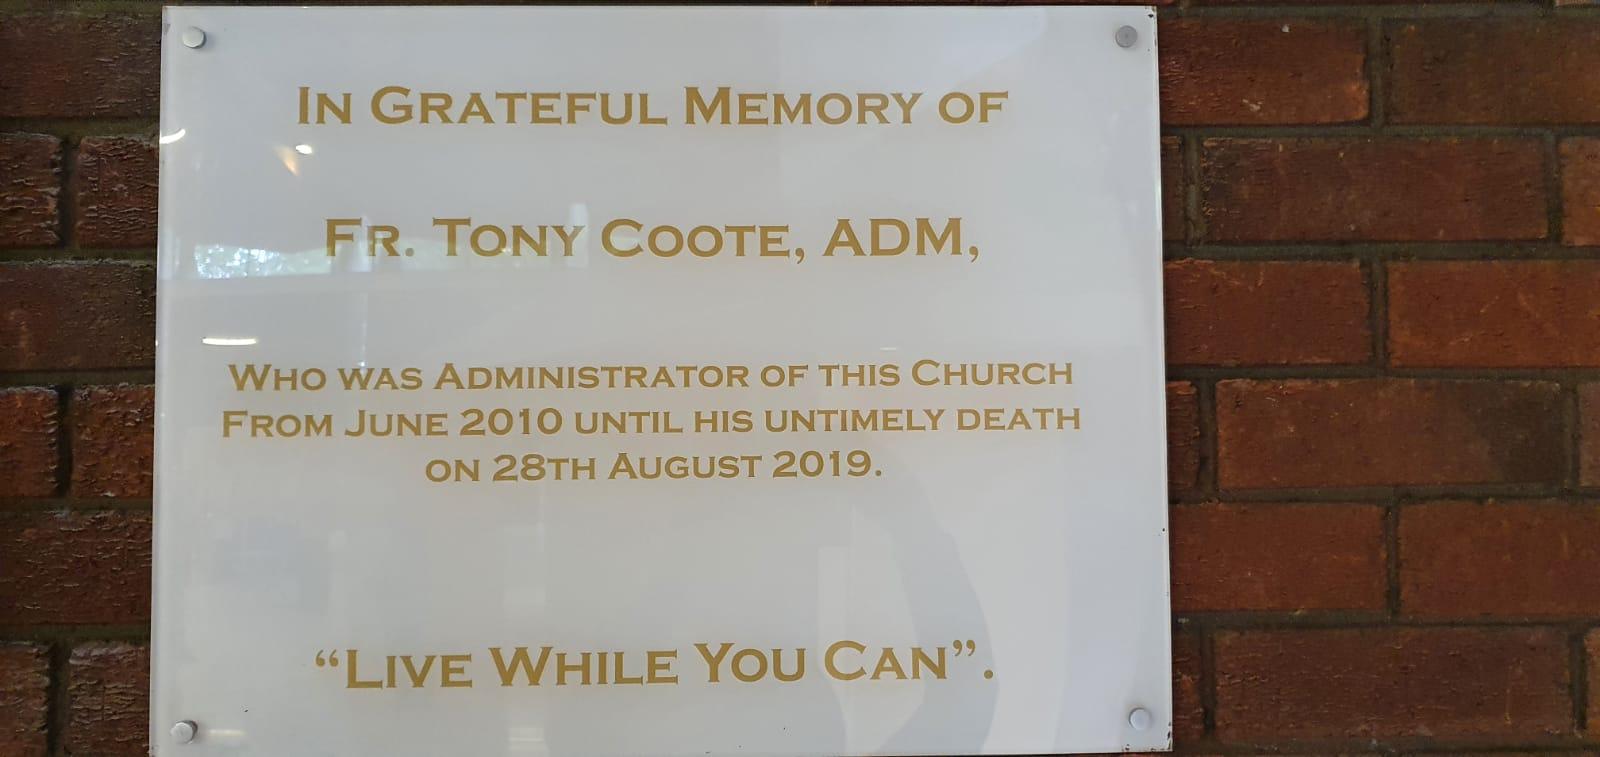 Plaque for Fr. Tony